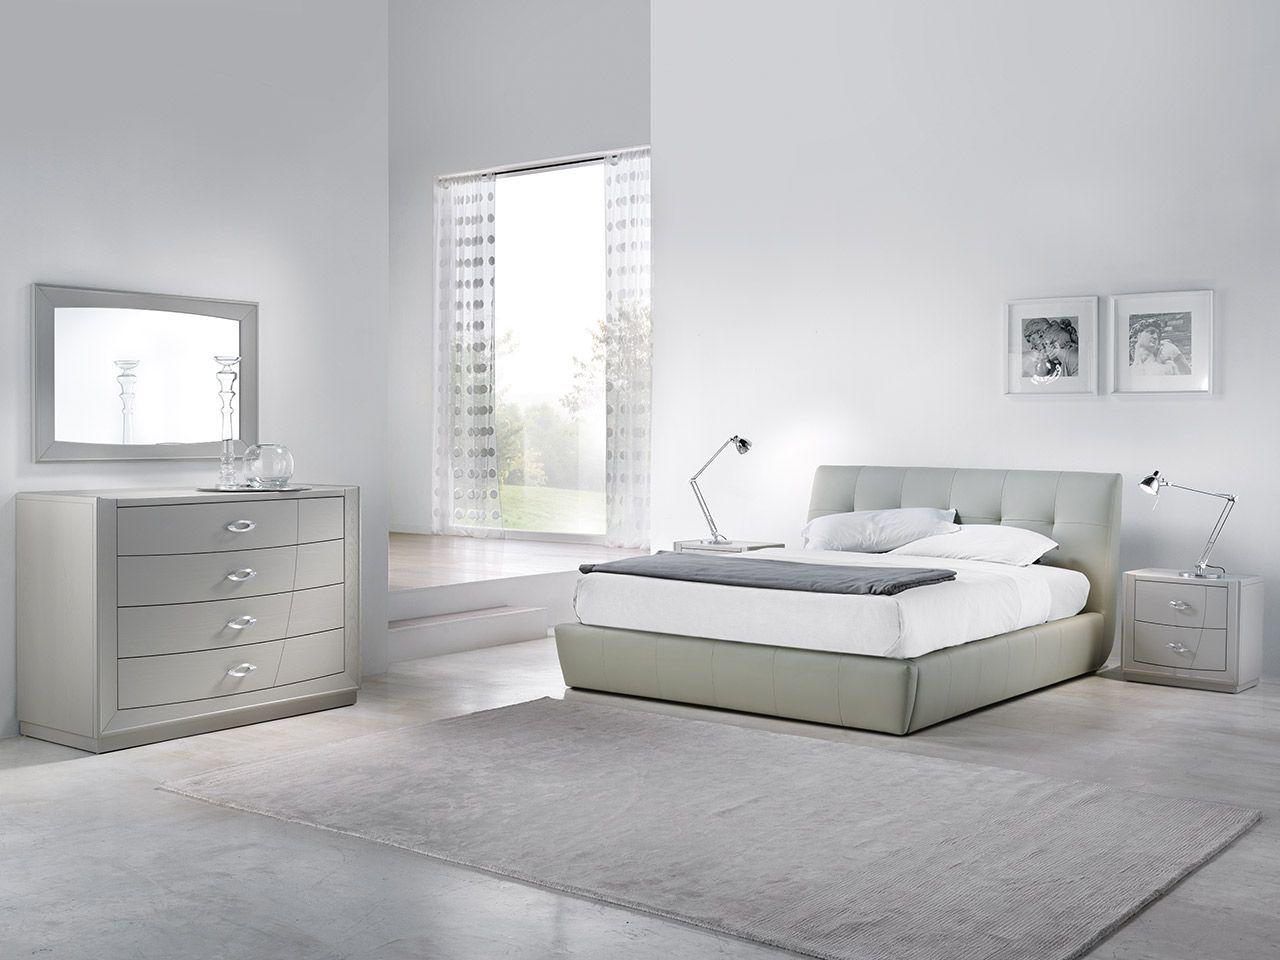 Camera da letto Gioia - www.piombini.it | GIOIA COLLECTION ...